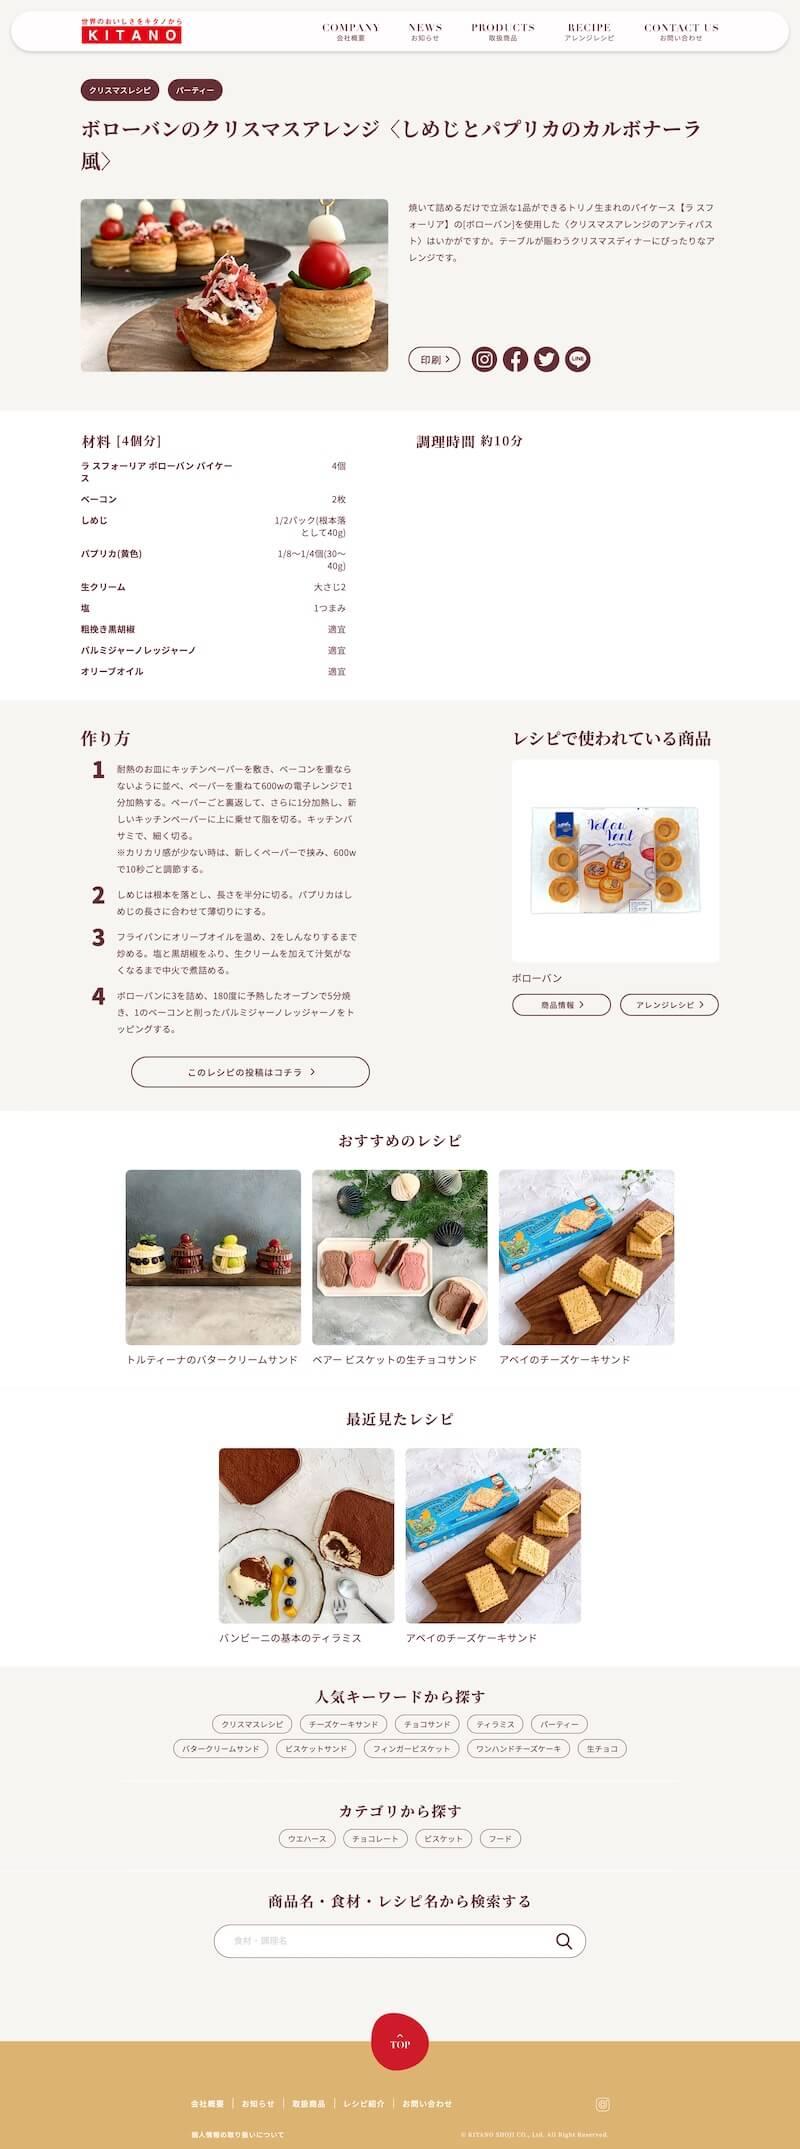 キタノ商事レシピページキャプチャ画像